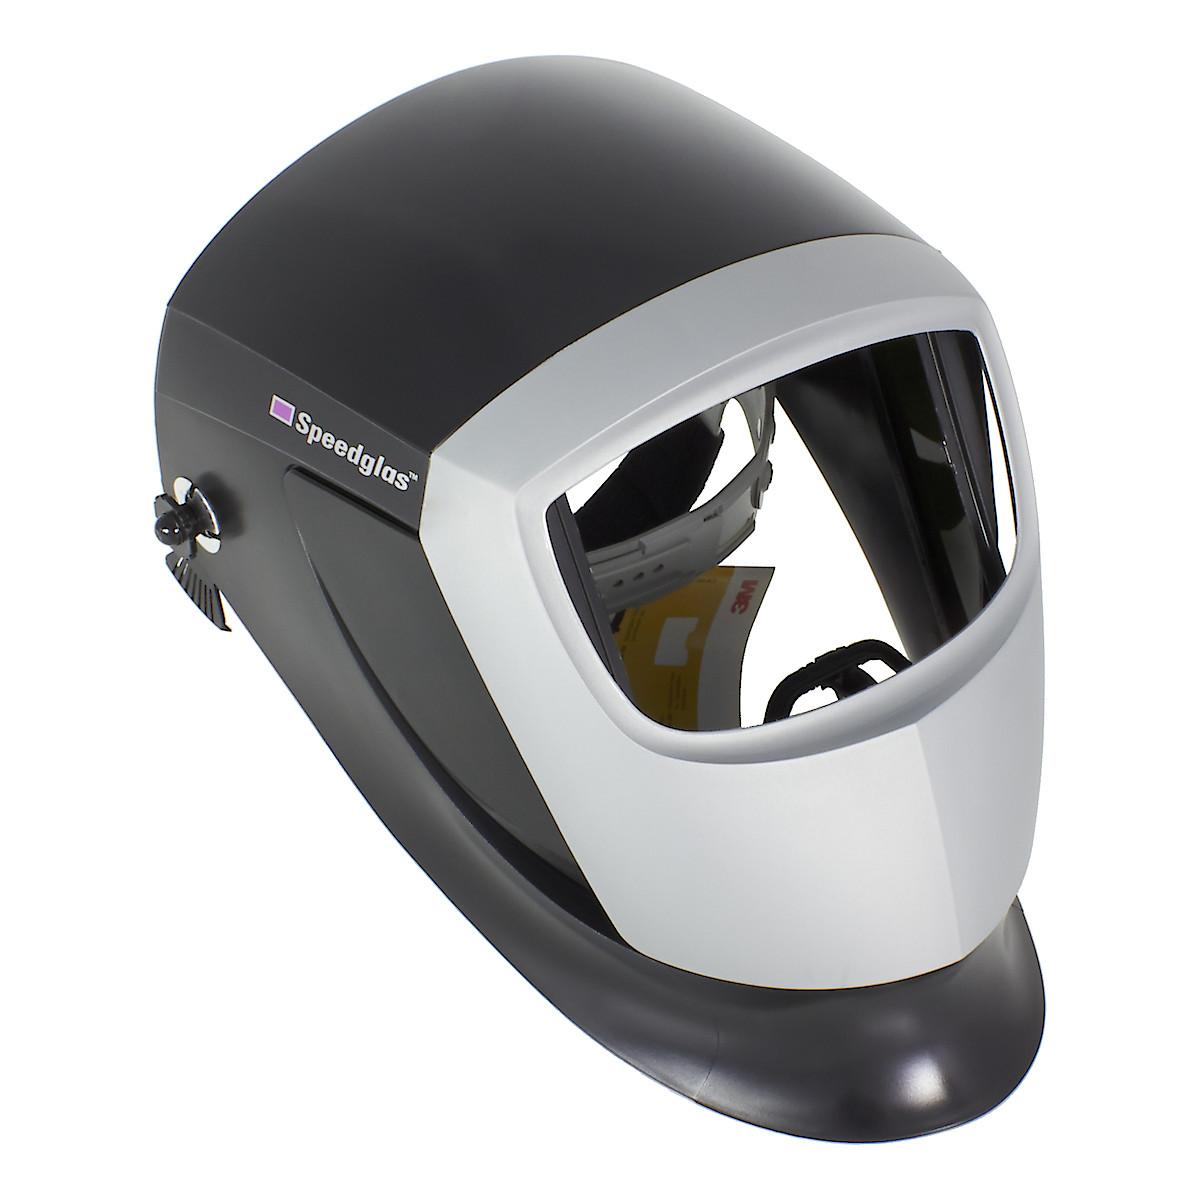 3M Speedglas Welding helmet 9000